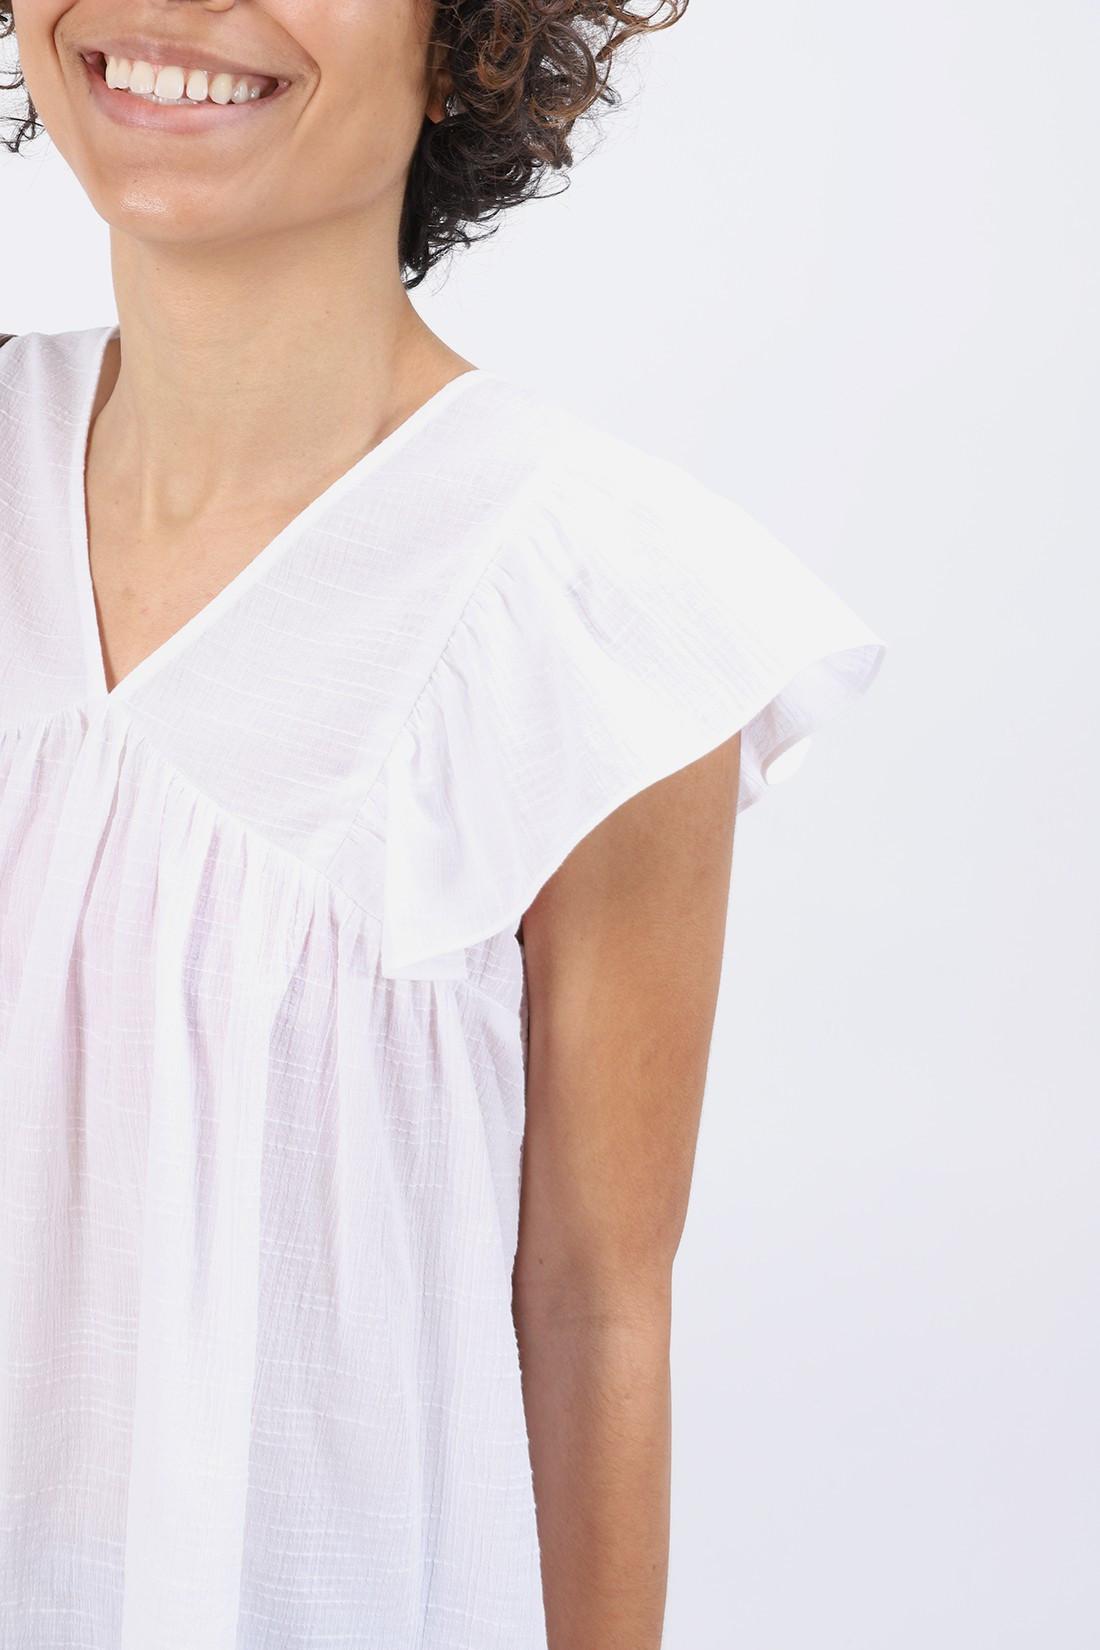 BELLEROSE FOR WOMAN / Blouse hourra White